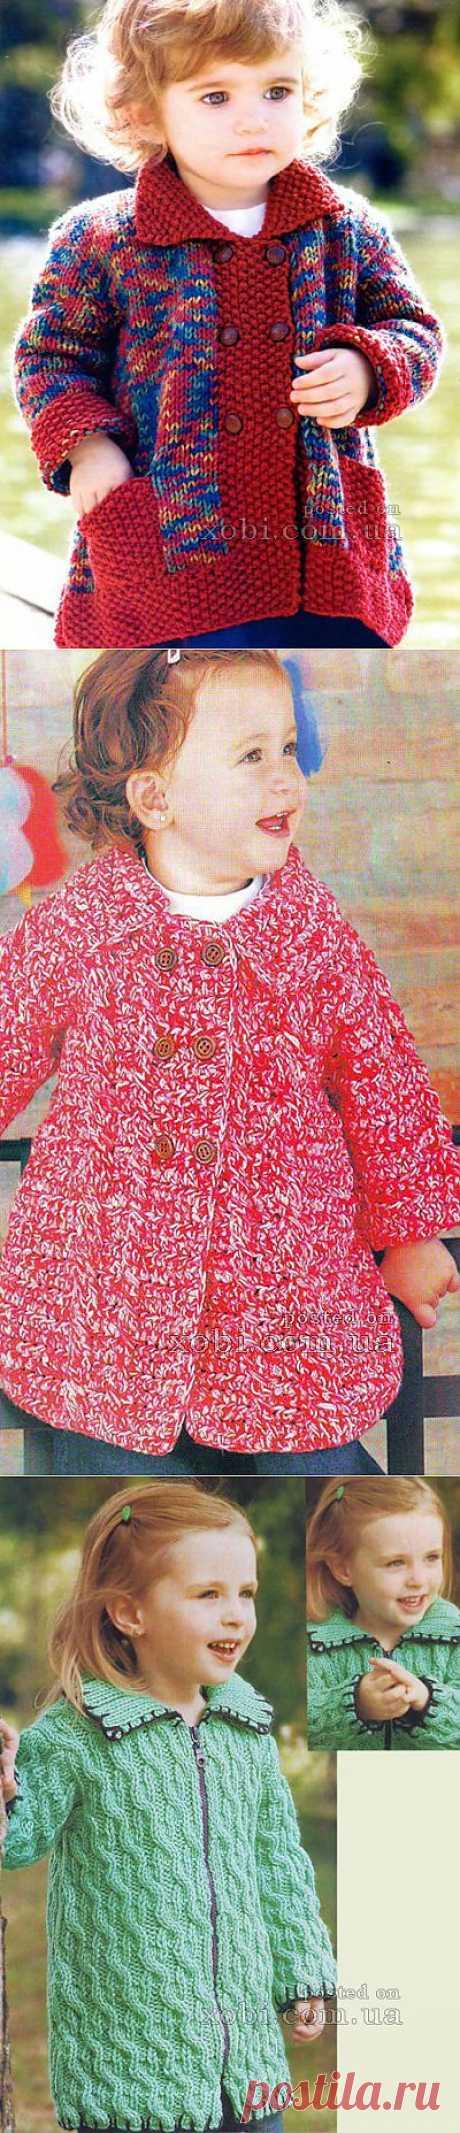 Вязание для детей. Пальто и курточки